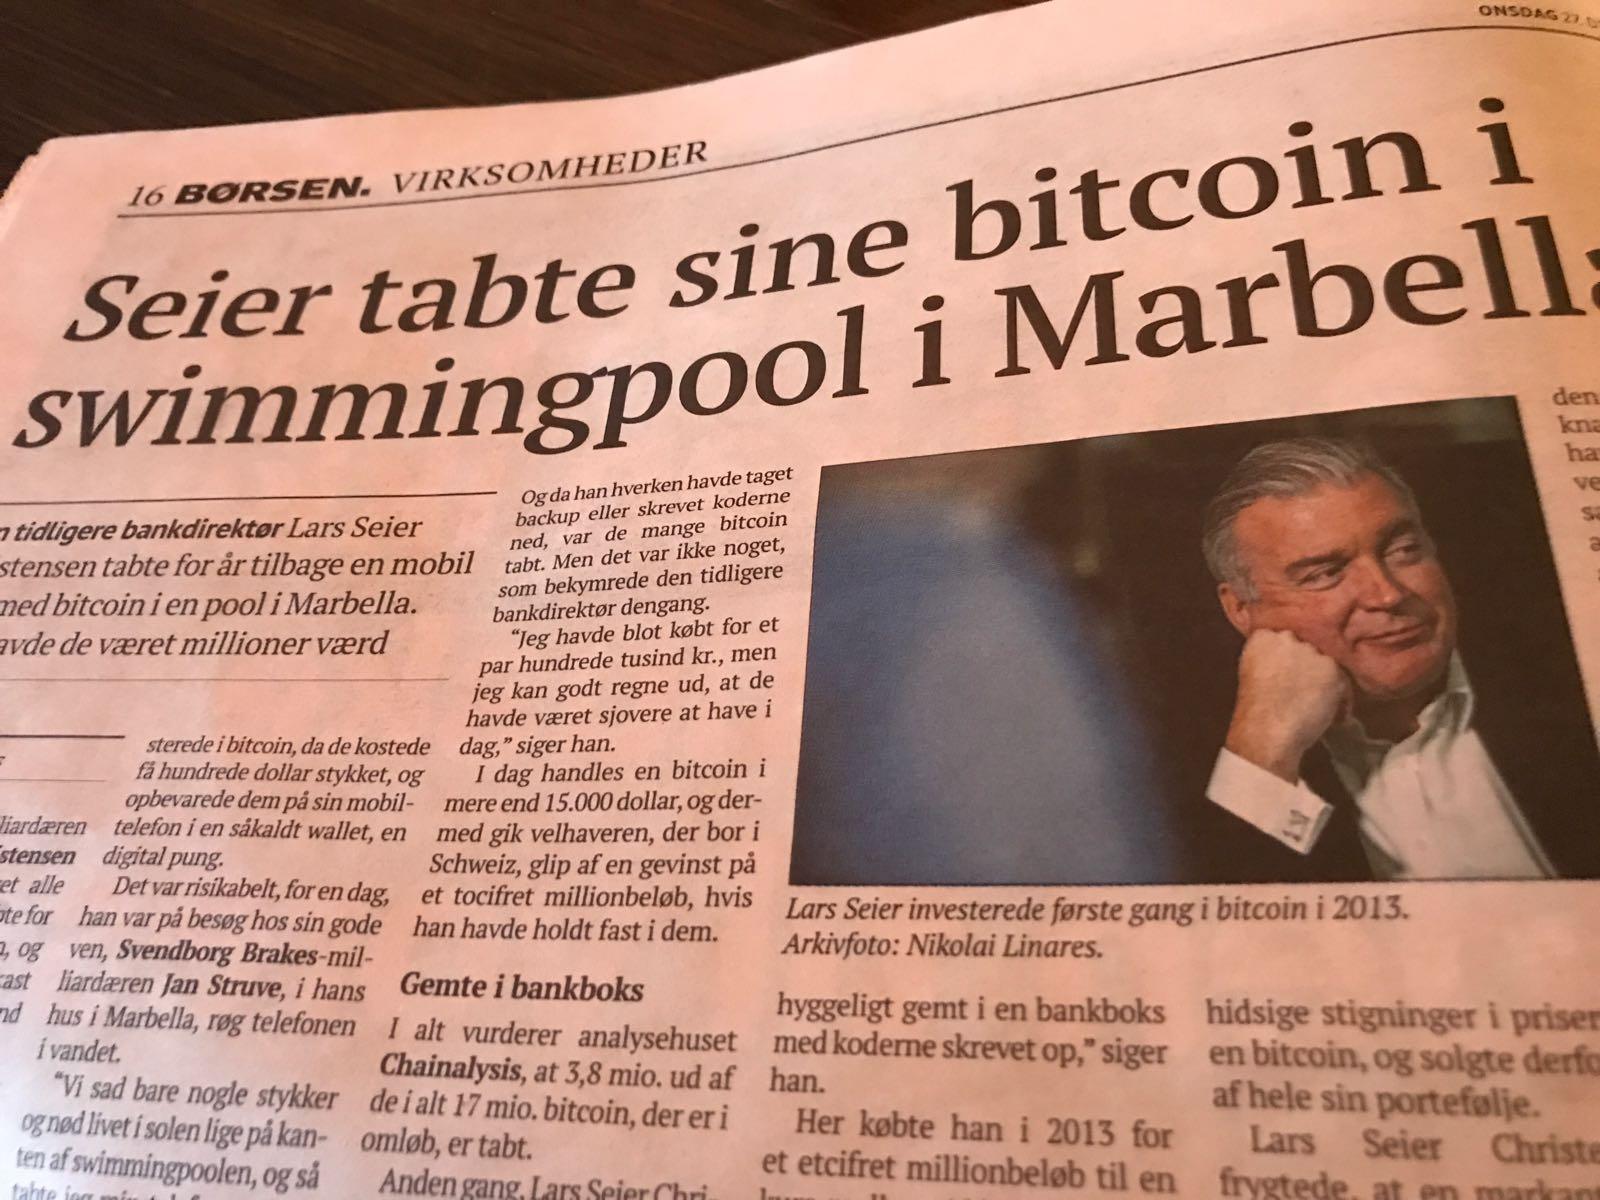 Seier lost his bitcoins in a swimmingpool